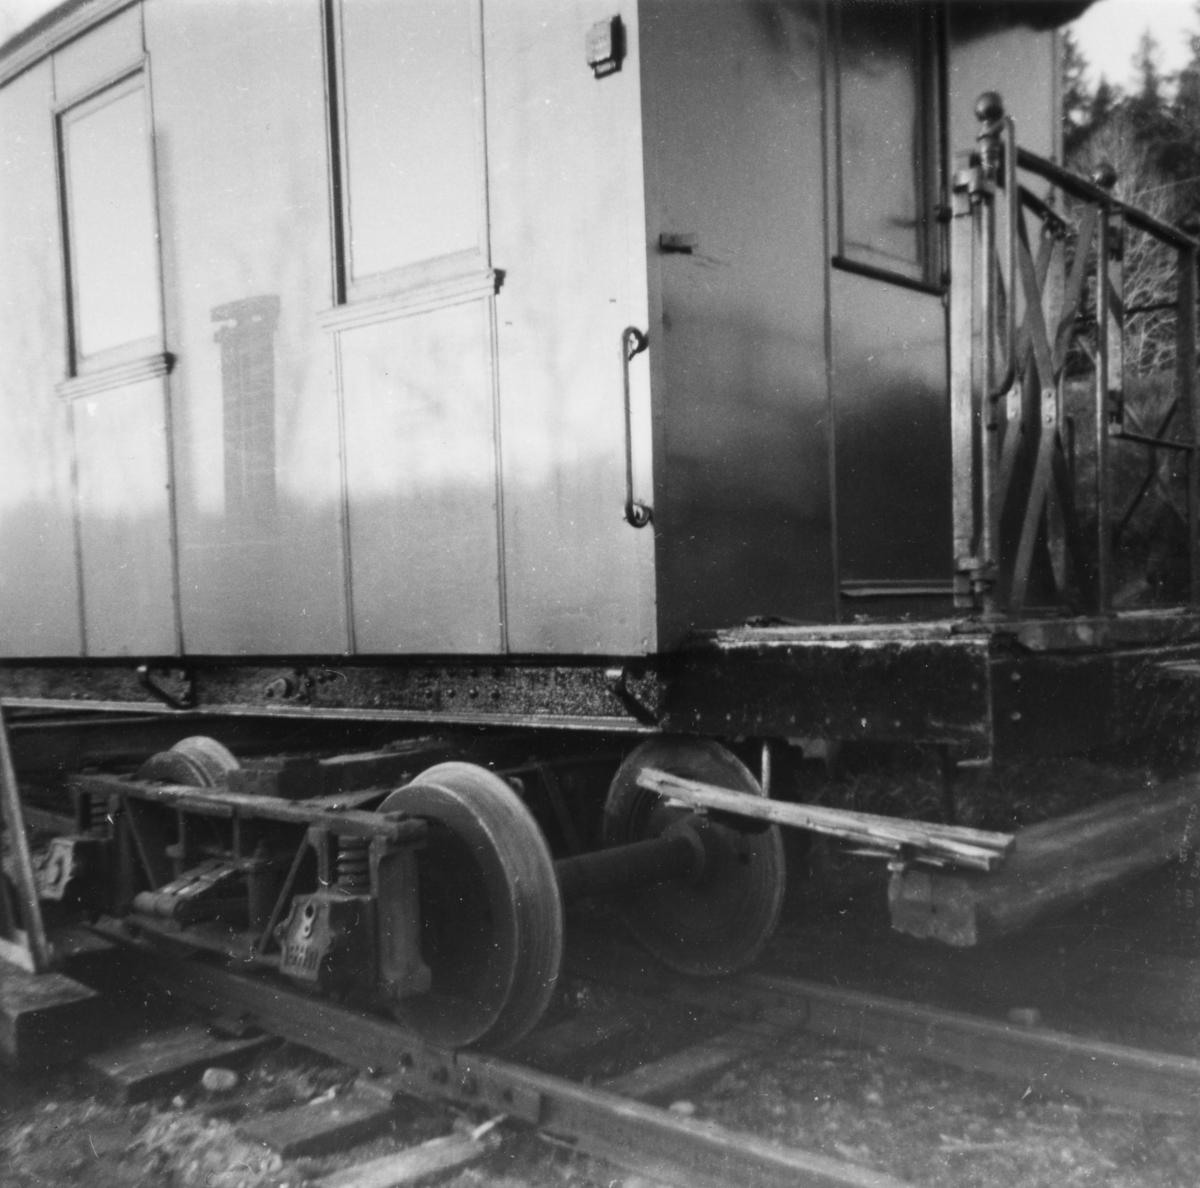 Persovogn BCo 3 ble flyttet fra Sørumsand verksteds område til museumsbanen våren 1965. Her er vognen i ferd med å bli satt på sporet ved Sætra planovergang.